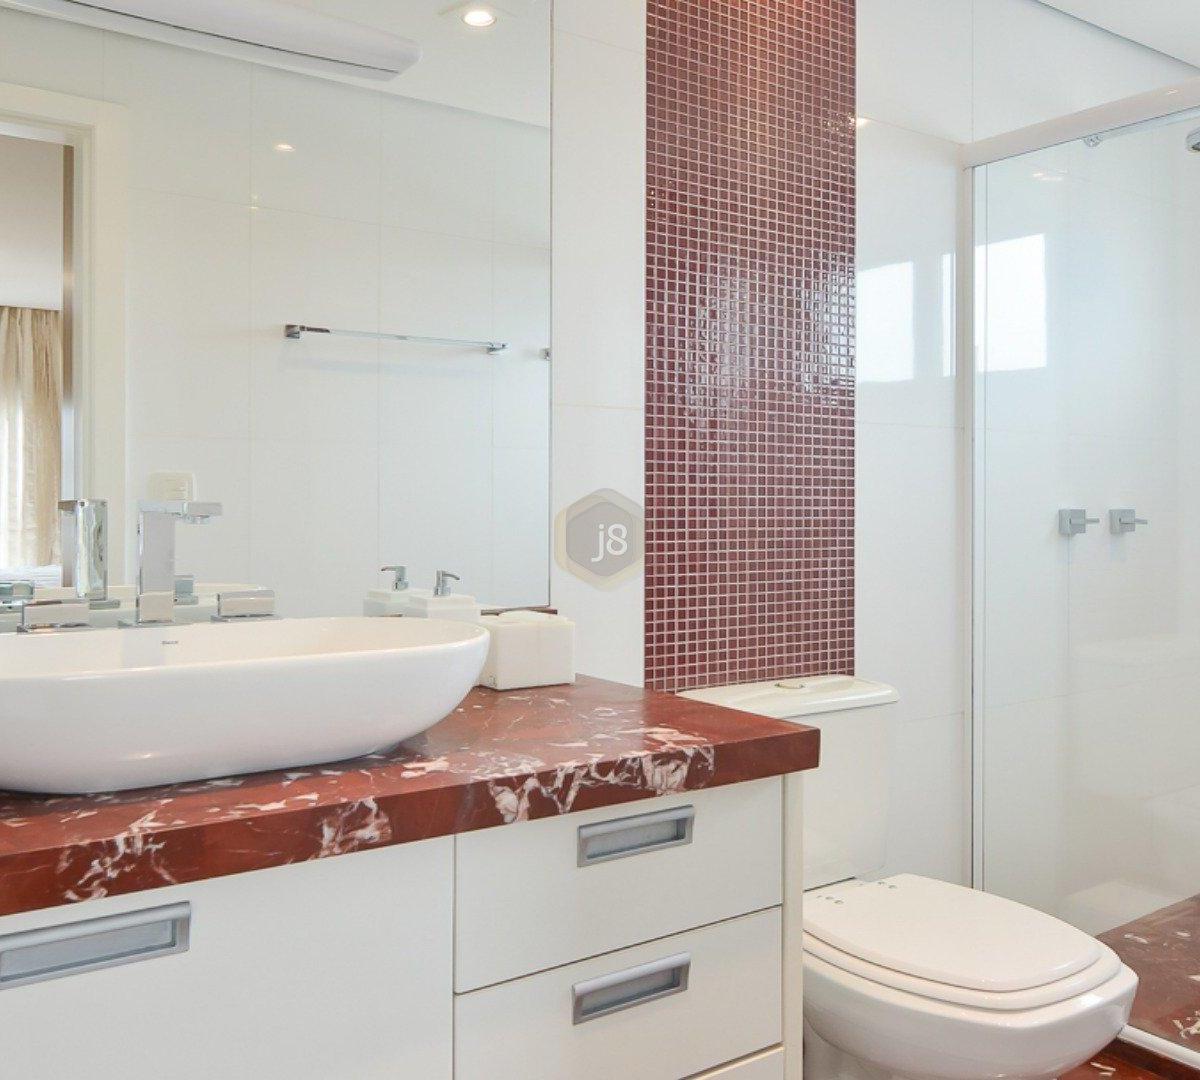 Imagens de #703E35 Apartamento à venda com 3 Quartos Água Verde Curitiba R$ 1.250  1200x1080 px 3026 Box Banheiro Curitiba Agua Verde